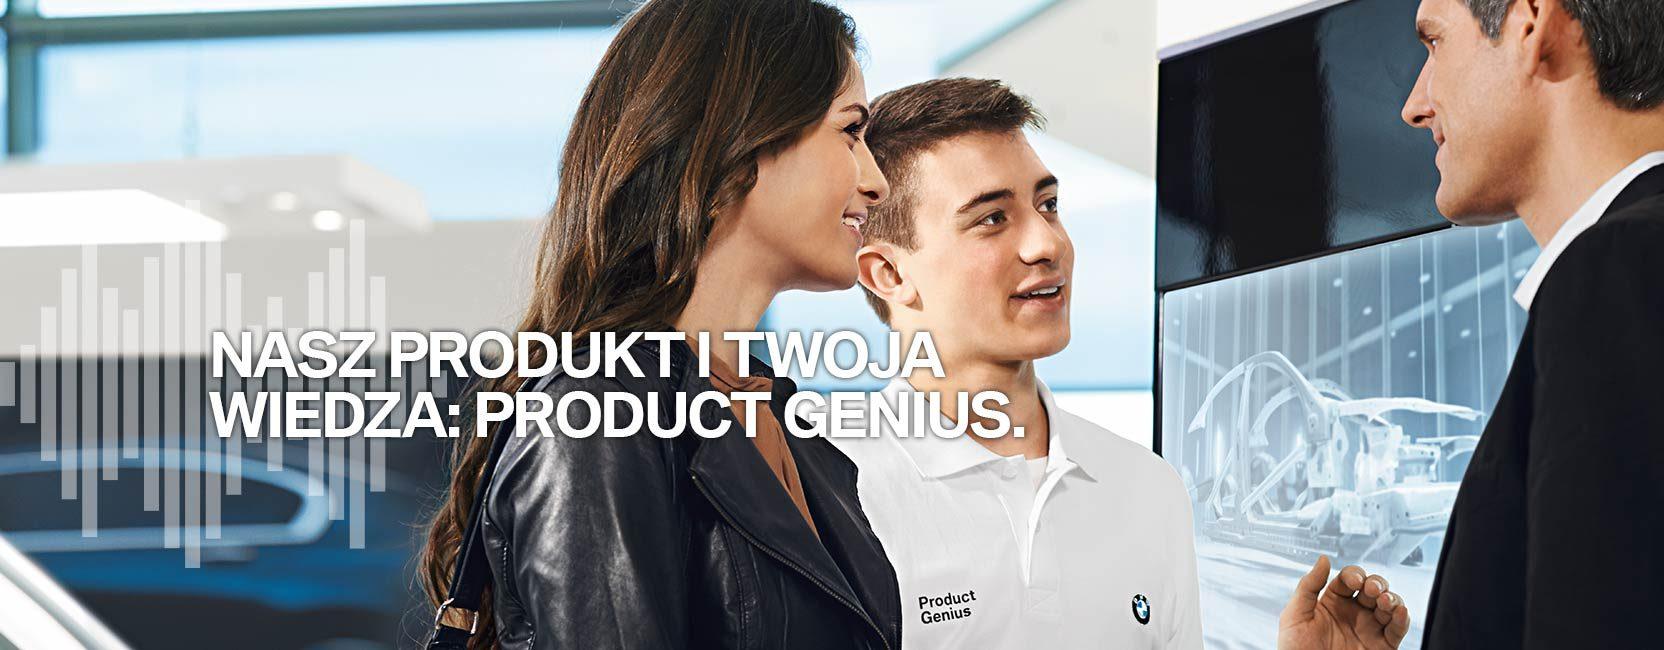 Product Genius BMW